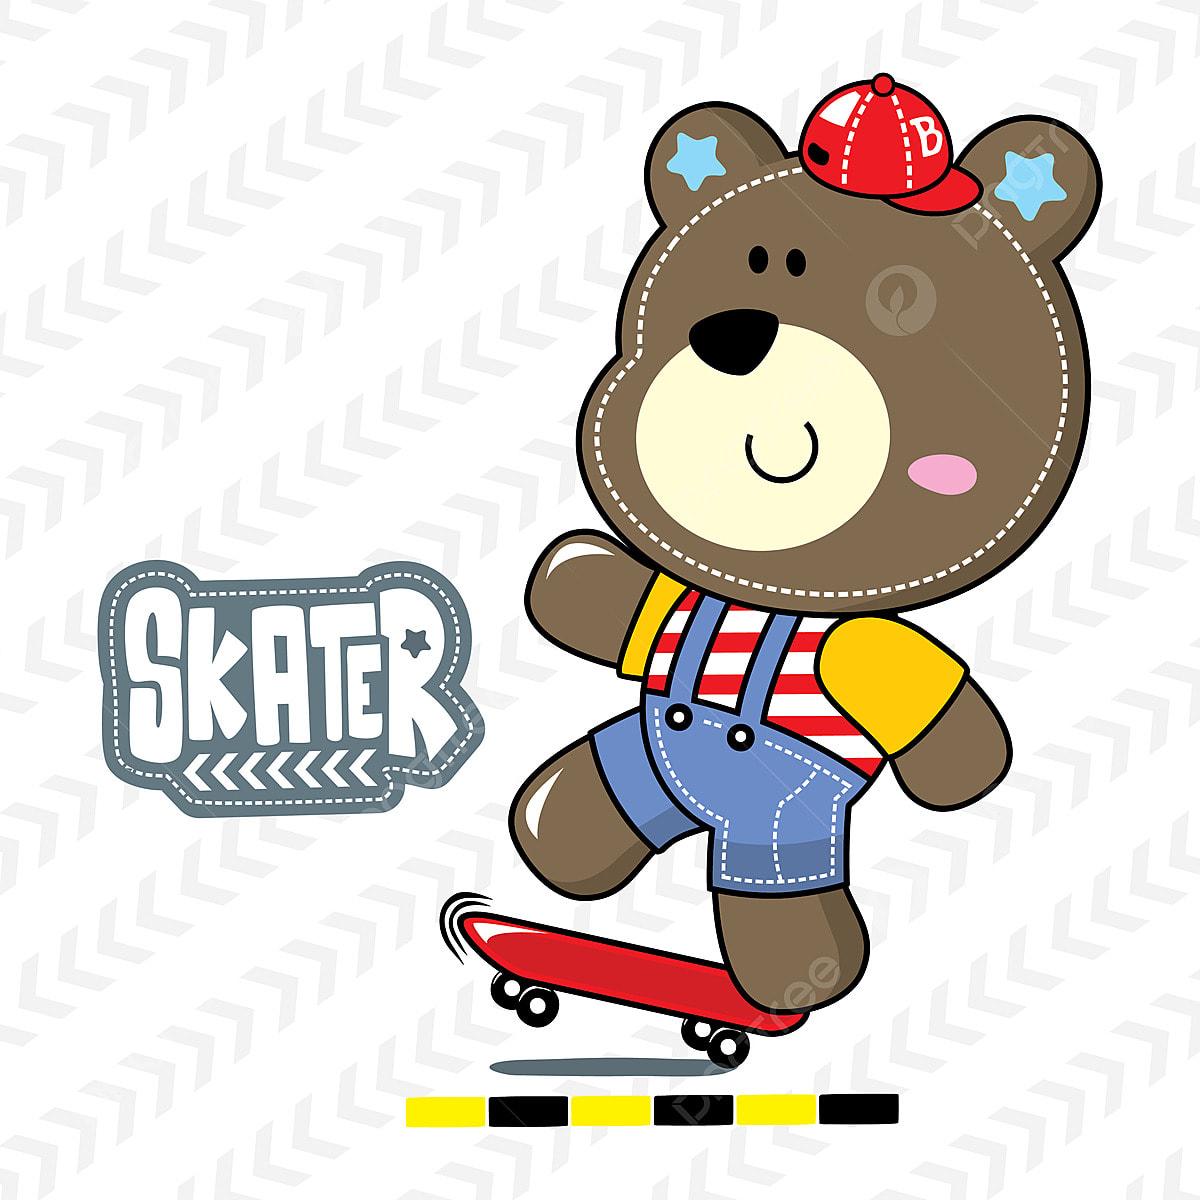 かわいい漫画テディベア白い背景の上にスケートボードのイラストベクトル